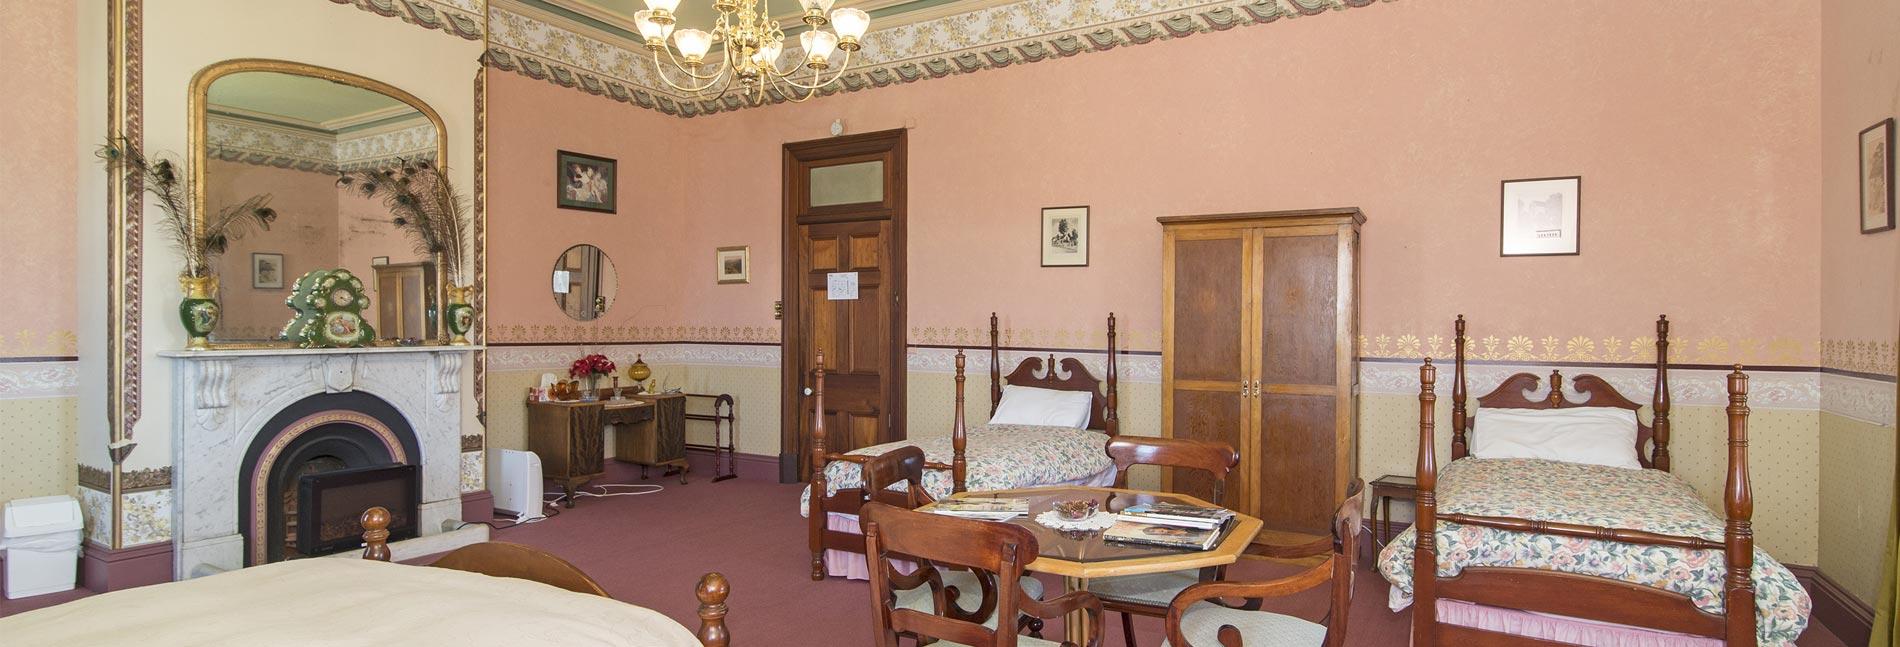 The Reid Room